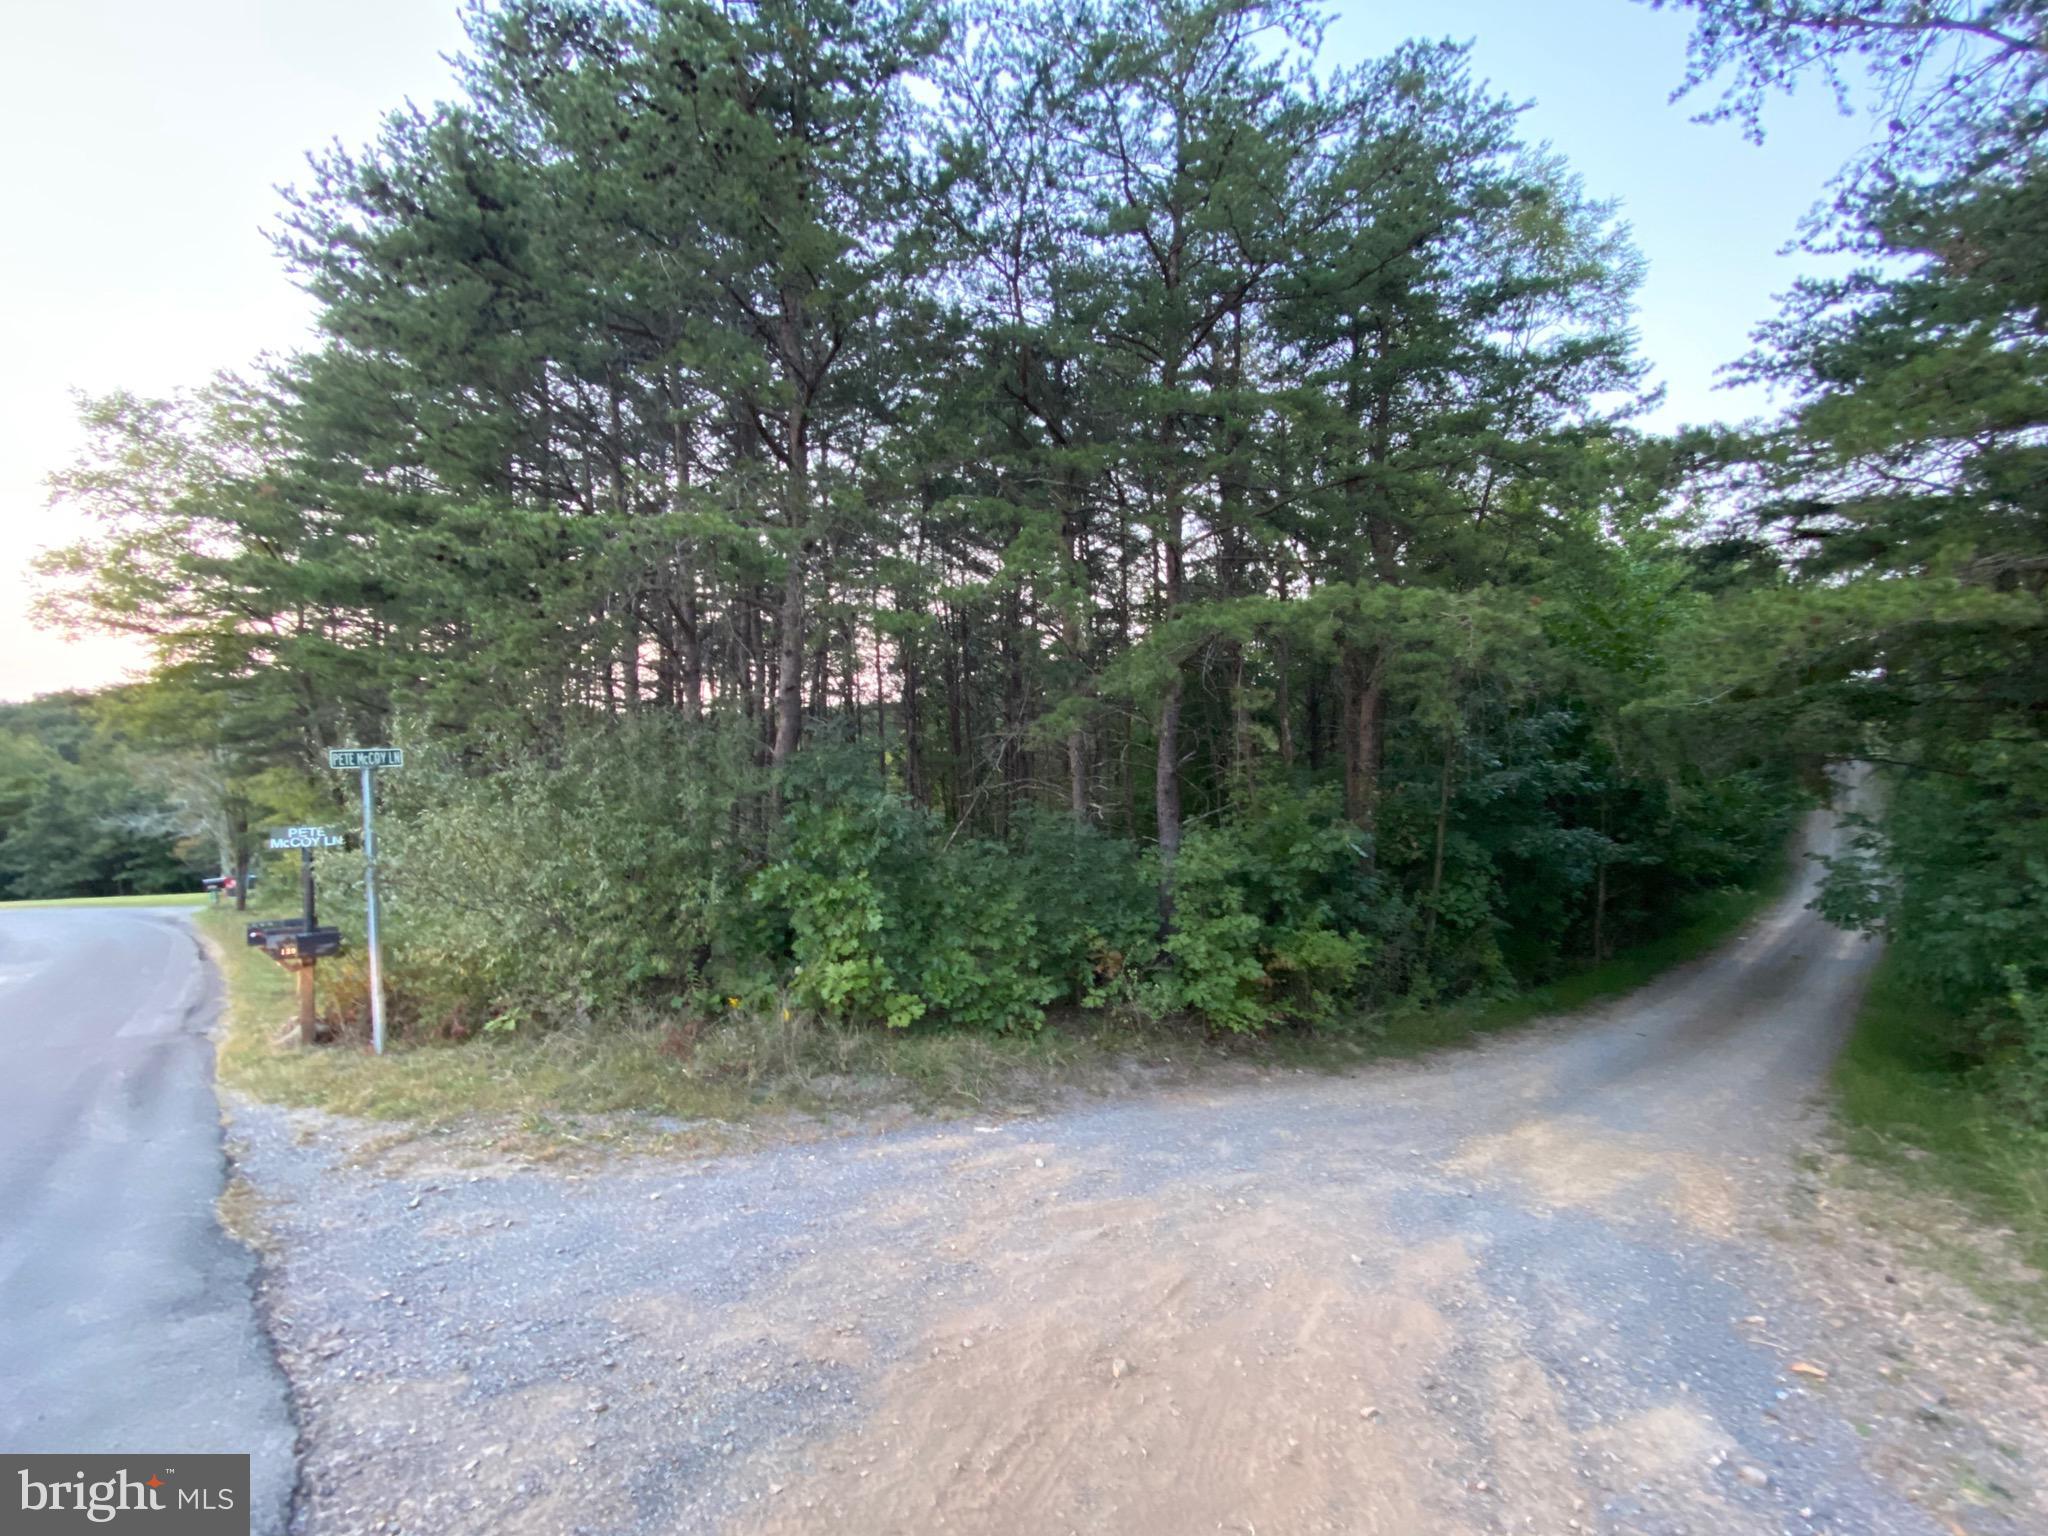 Spriggs Road